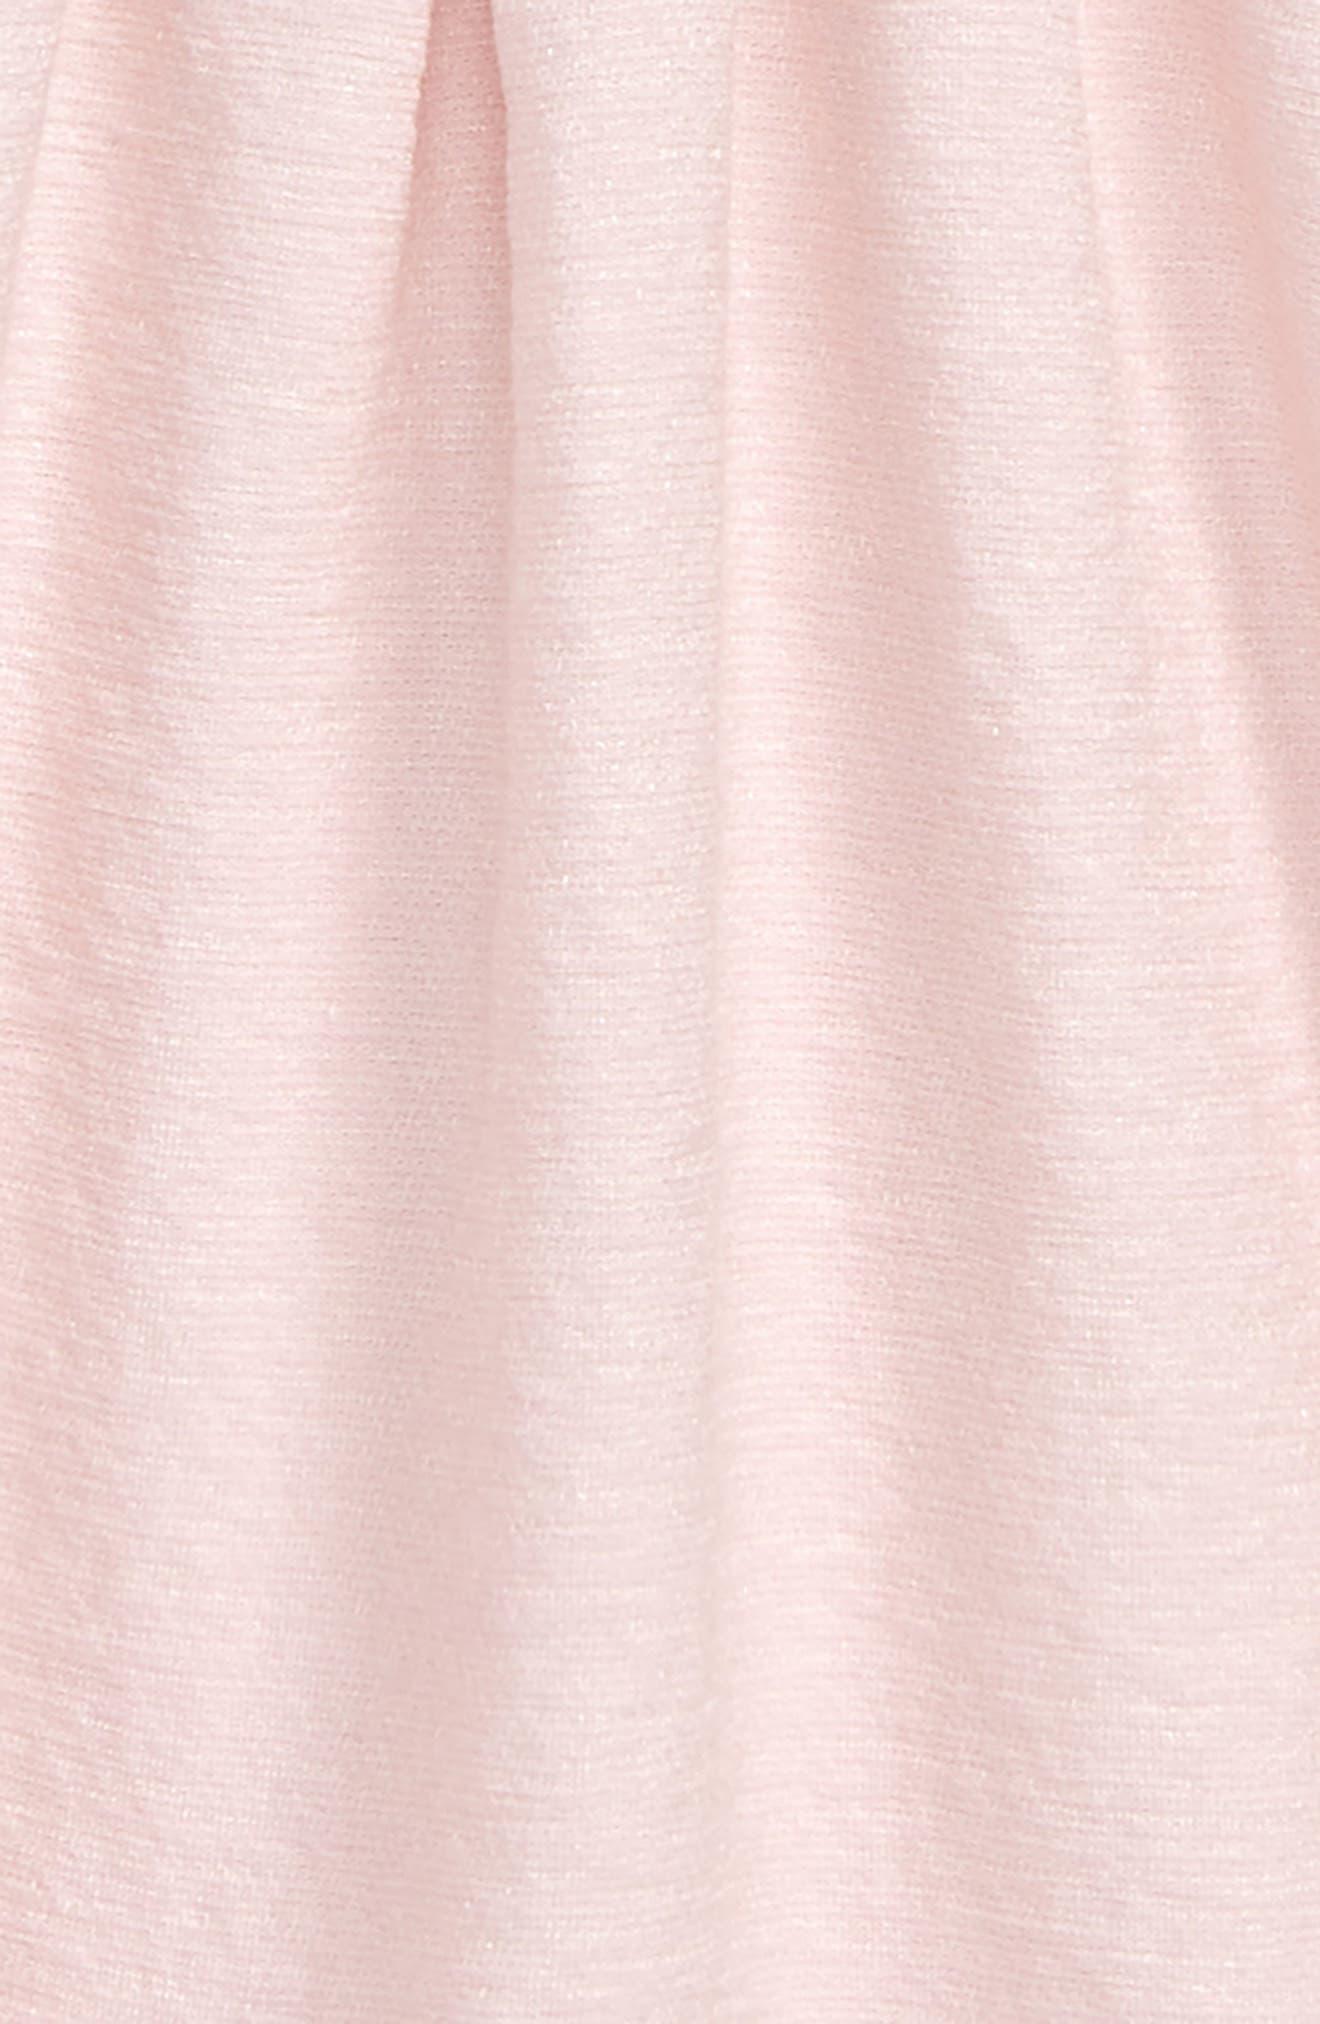 Estella Bow Party Dress,                             Alternate thumbnail 3, color,                             Potpourri